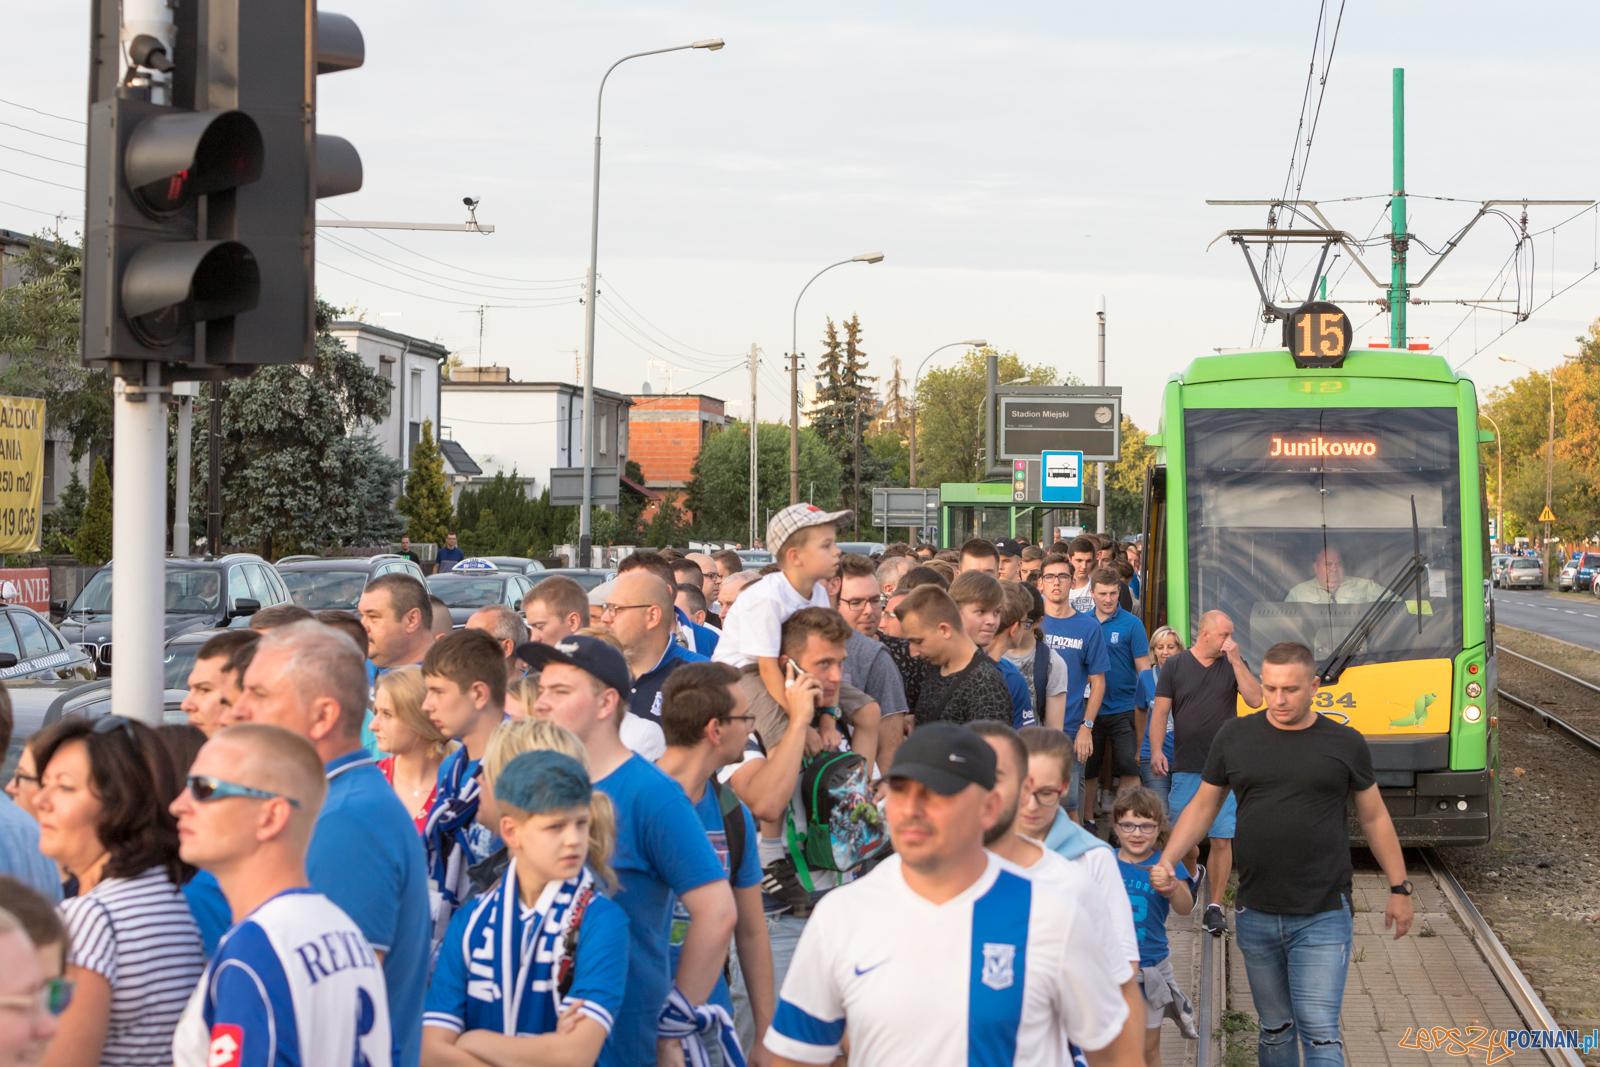 Dojazd na mecz Kolejorza  Foto: lepszyPOZNAN.pl/Piotr Rychter